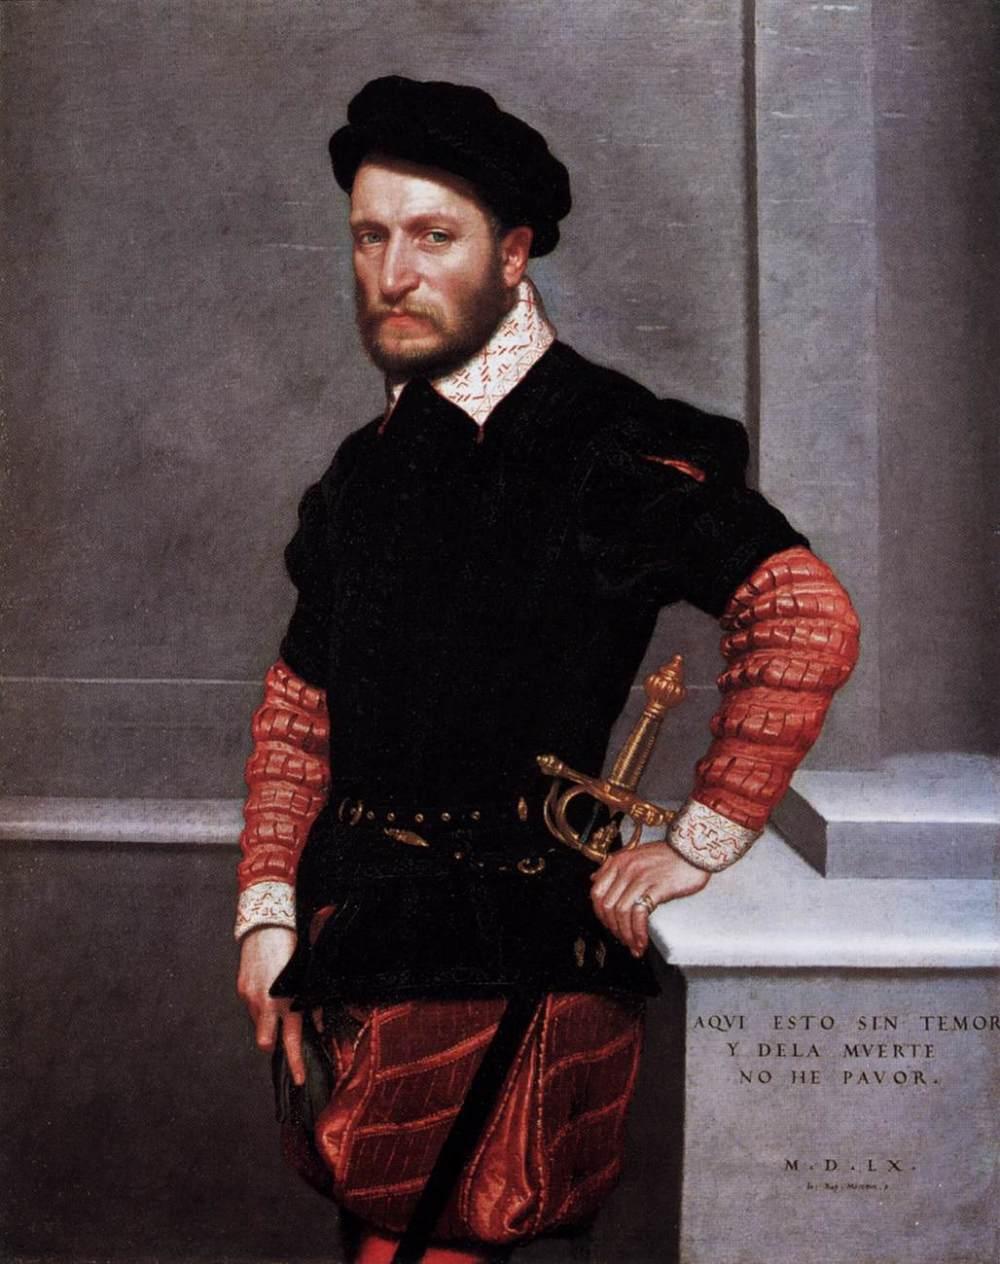 Giovanni Battista Moroni. Retrato de don Gabriel de la Cueva, duque de Alburquerque. 1560. Gemäldegalerie. Berlín.